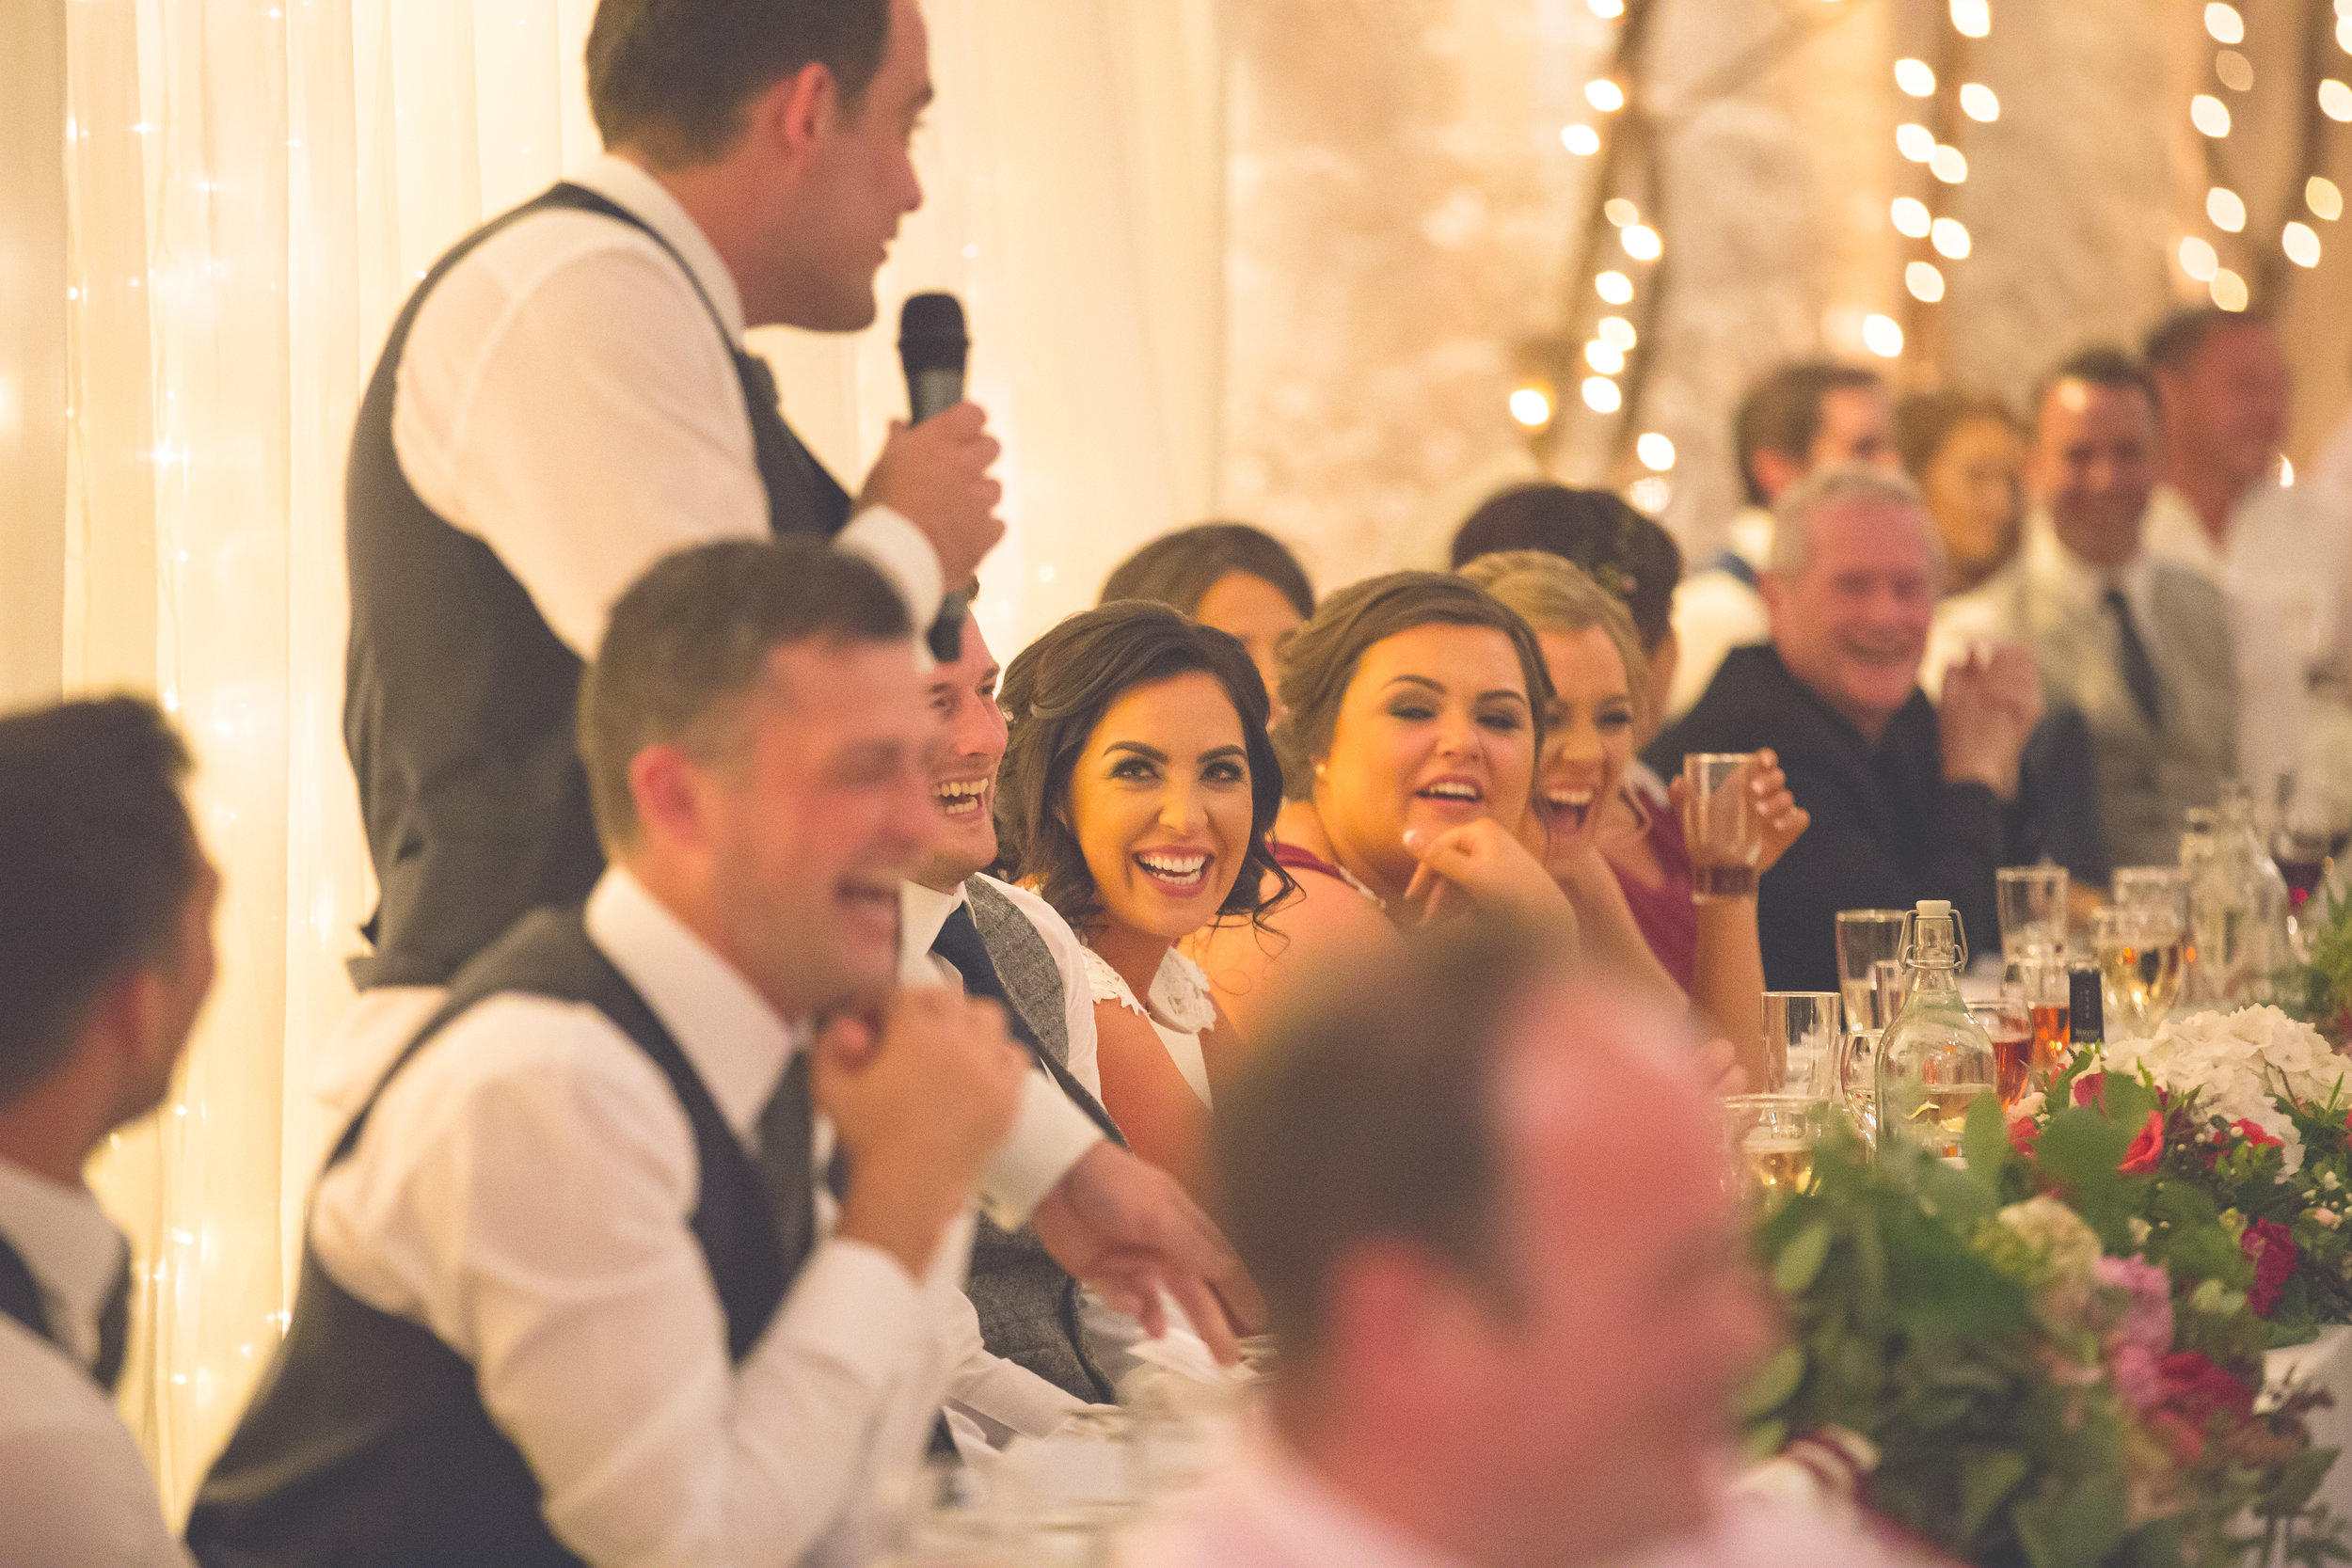 Brian McEwan Wedding Photography | Carol-Anne & Sean | The Speeches-98.jpg